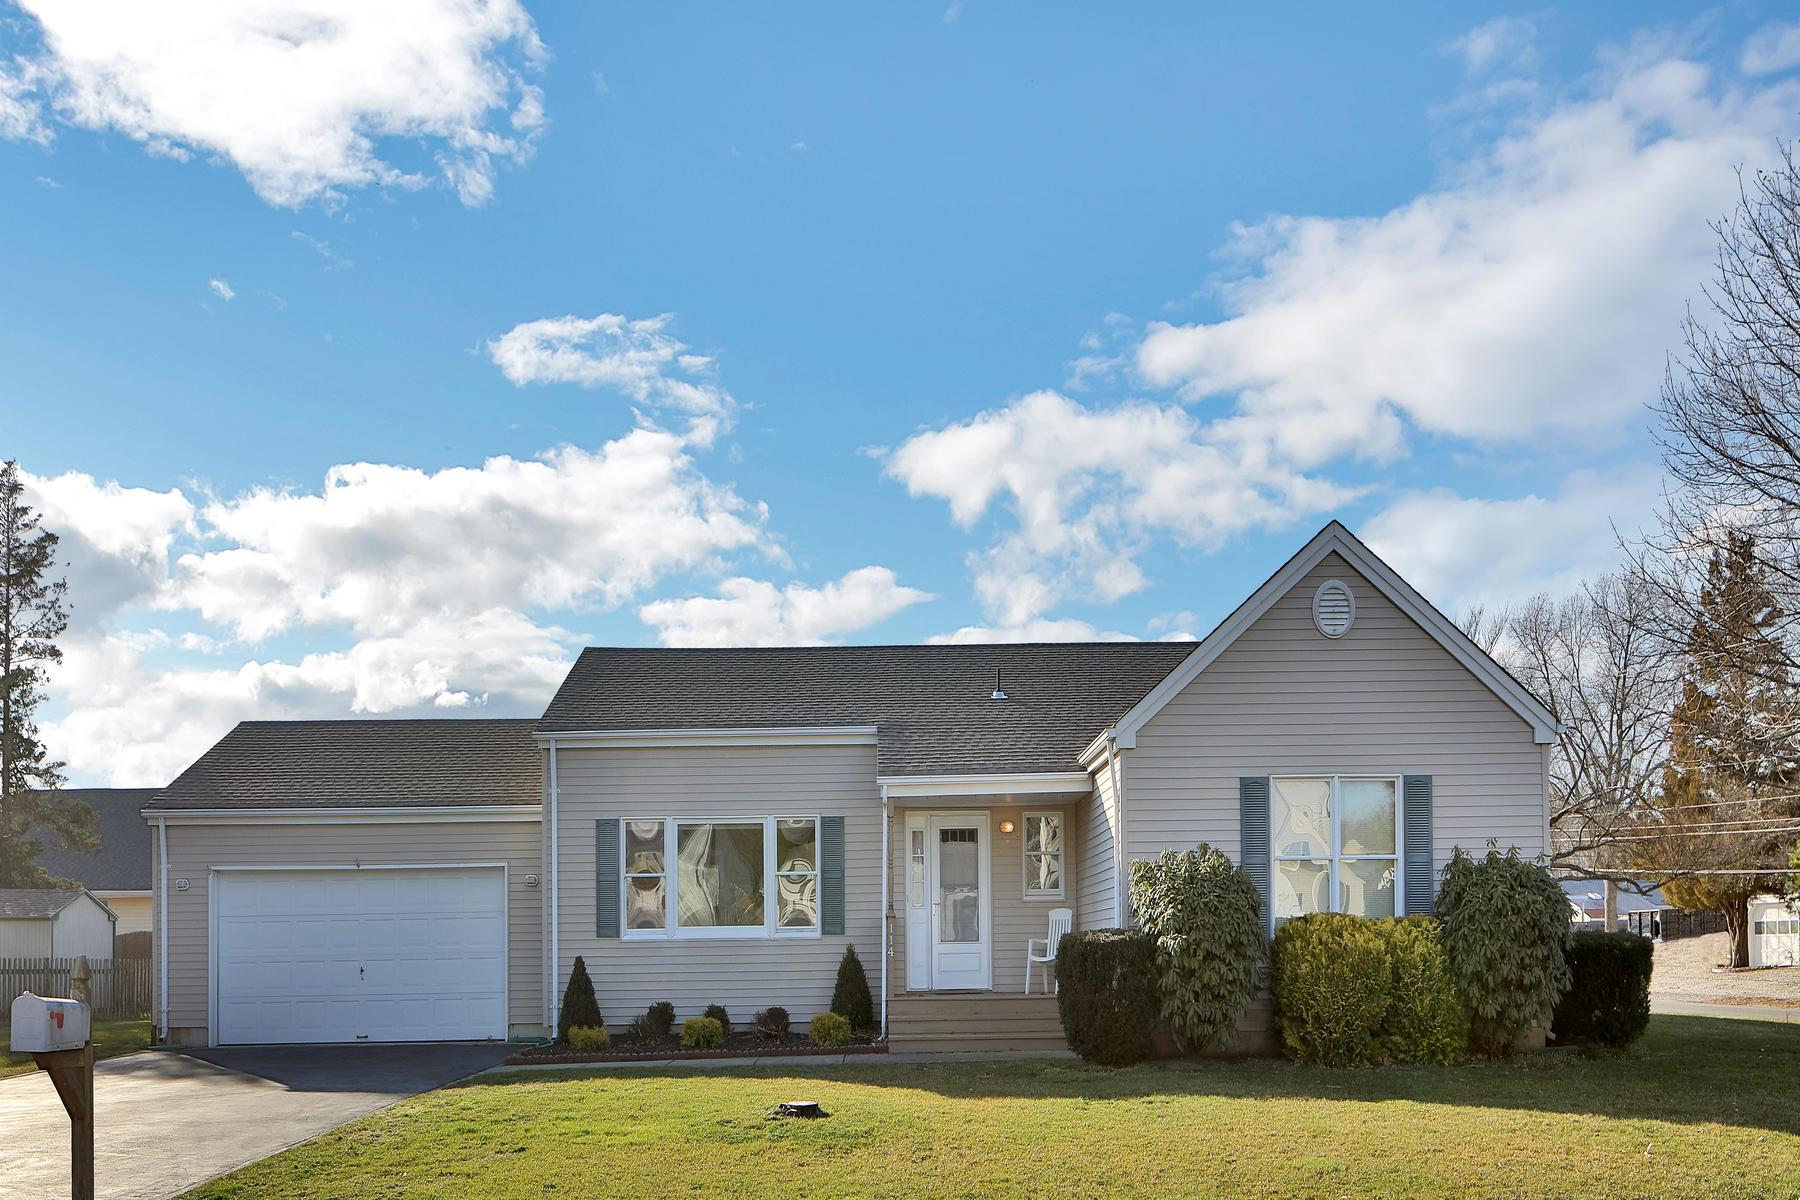 Maison unifamiliale pour l Vente à Sunrise Beach! 114 Foxwood Lane Forked River, New Jersey 08731 États-Unis